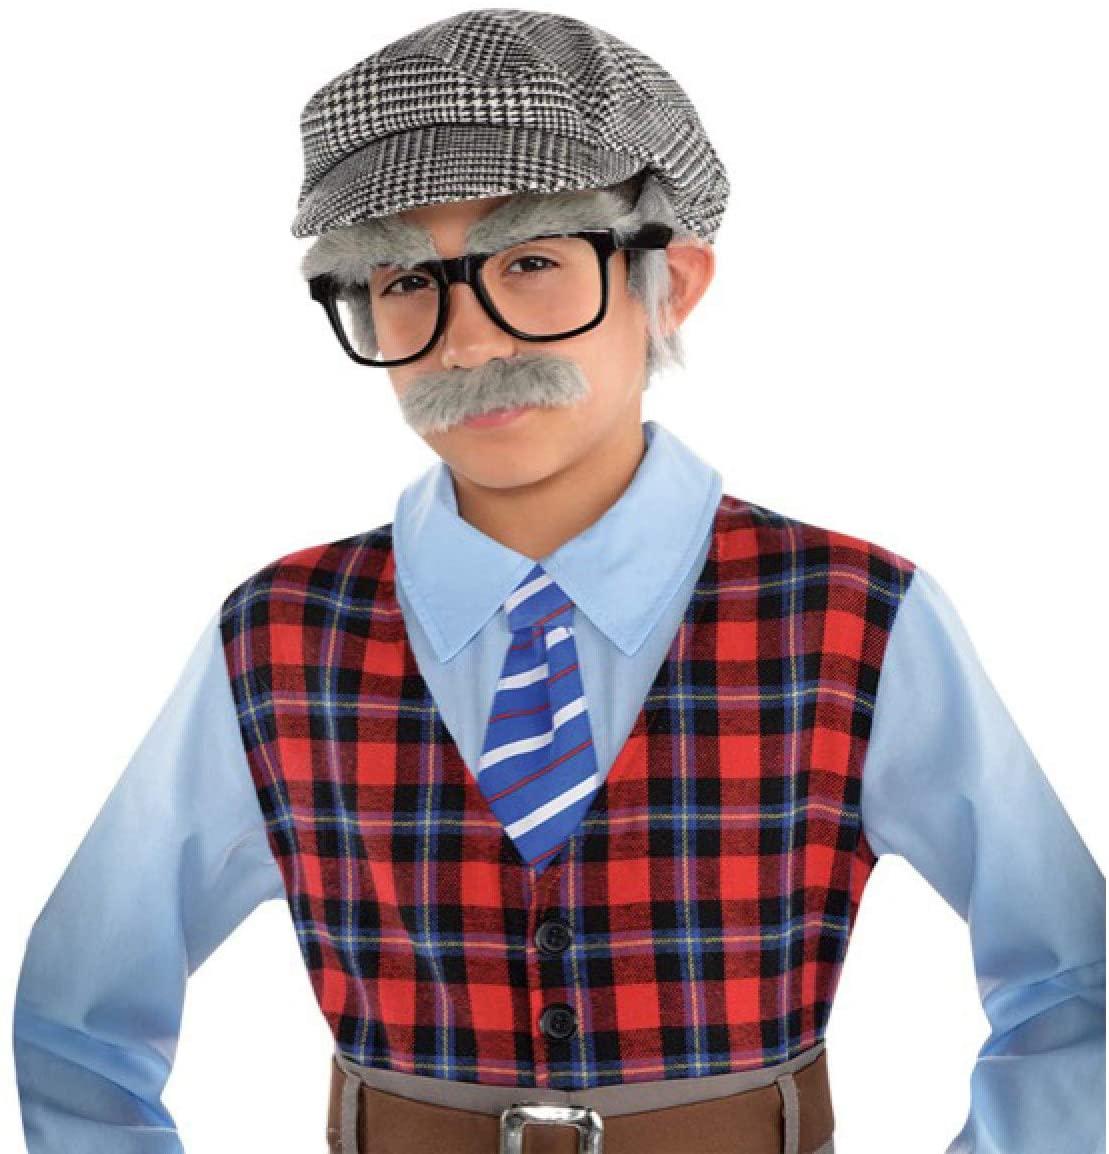 Child Grandpa Costume Accessory Kit | 2 Ct